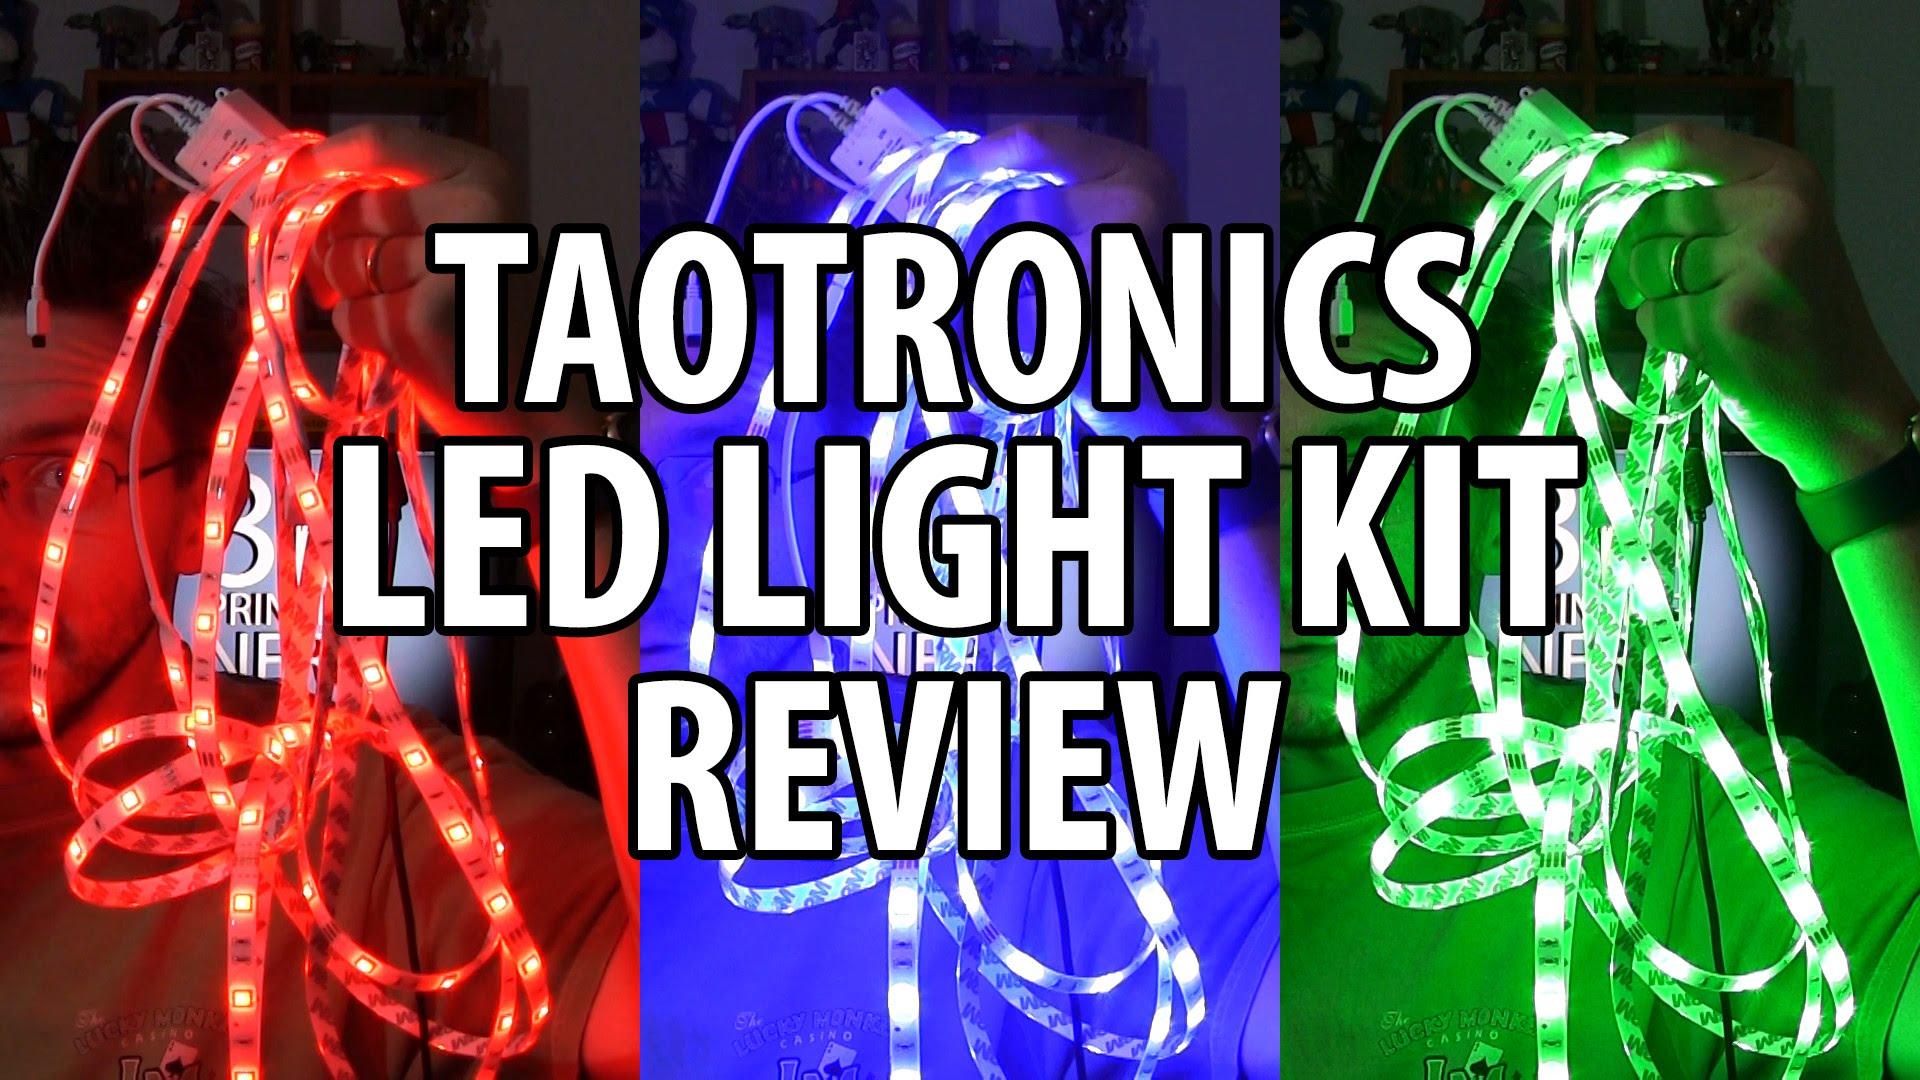 TaoTronics LED Light Kit Review